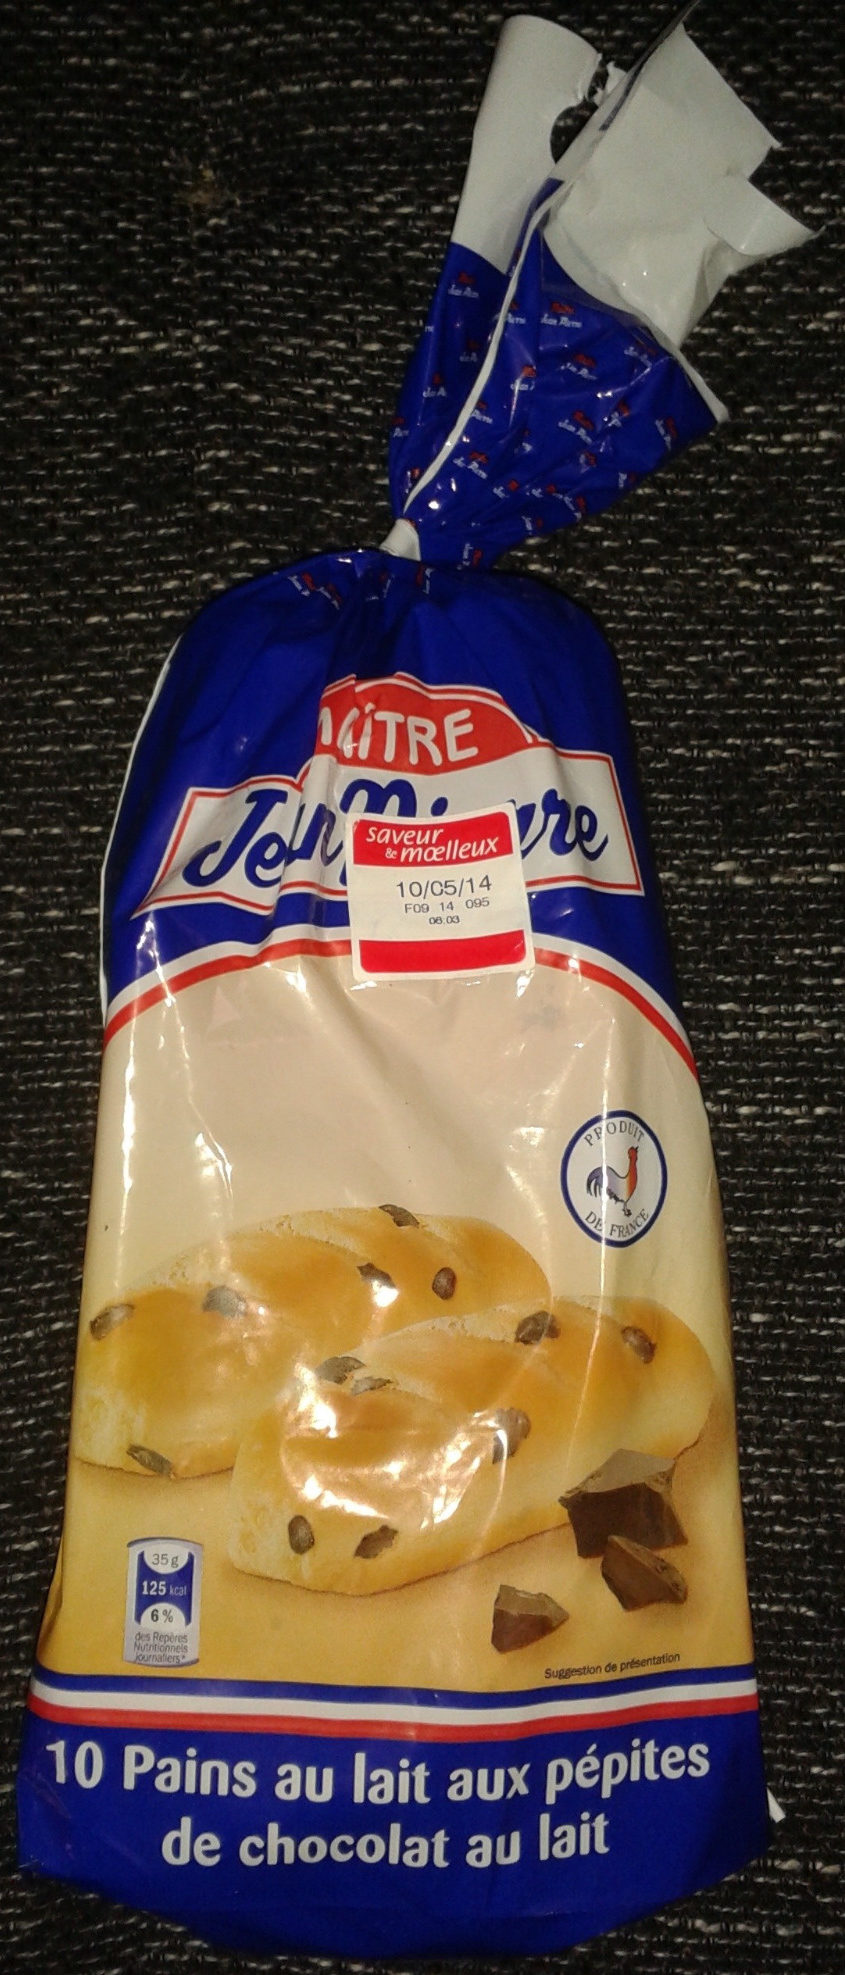 10 Pains au lait aux pépites de chocolat au lait - Produit - fr